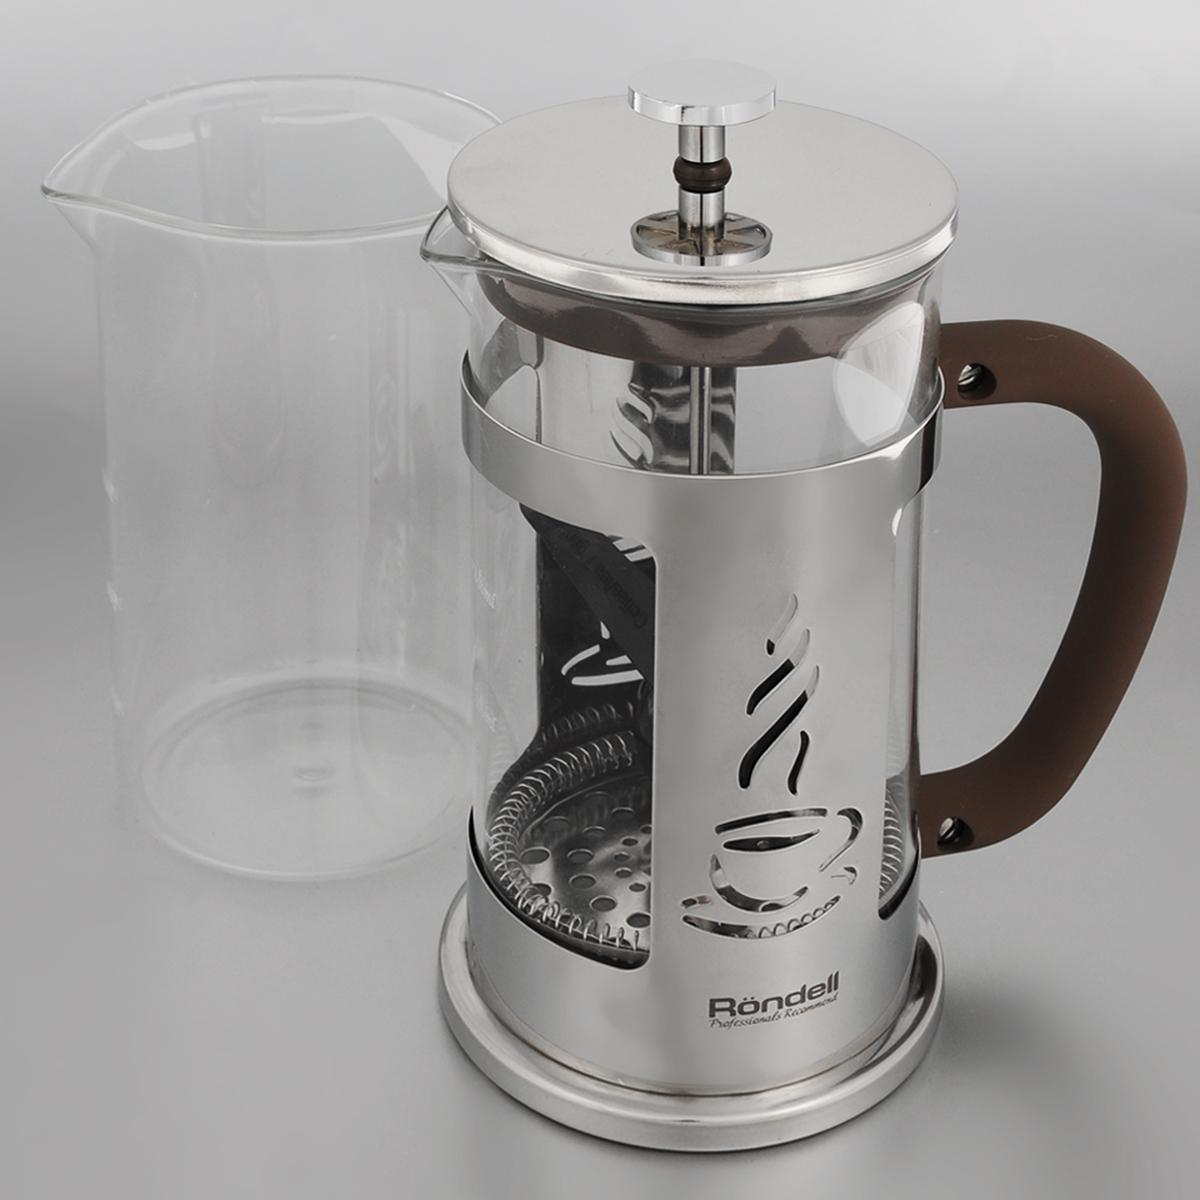 Френч-пресс Rondell Mocco&Latte, с мерной ложкой, со сменной колбой, 1 лRDS-491Френч-пресс Rondell Mocco&Latte изготовлен извысококачественной нержавеющей стали,жаропрочного стекла и пластика. Жаропрочноестекло может выдерживать температуру до 180°С. Засыпая чайную заварку или кофе под фильтр,заливая горячей водой, вы получаете ароматныйнапиток с оптимальной крепостью инасыщенностью. Остановить процессзаваривания легко, для этого нужно простоопустить поршень, и все уйдет вниз, оставляявверху напиток, готовый к употреблению.Френч-пресс Rondell Mocco&Latte позволит быстрои просто приготовить свежий и ароматный кофеили чай. В комплект входит сменная колба и мерная ложка. Диаметр френч-пресса по верхнему краю (без учета крышки): 10 см.Высота френч-пресса: 24 см.Длина ложки: 10 см. Диаметр рабочей поверхности ложки: 4,5 см.